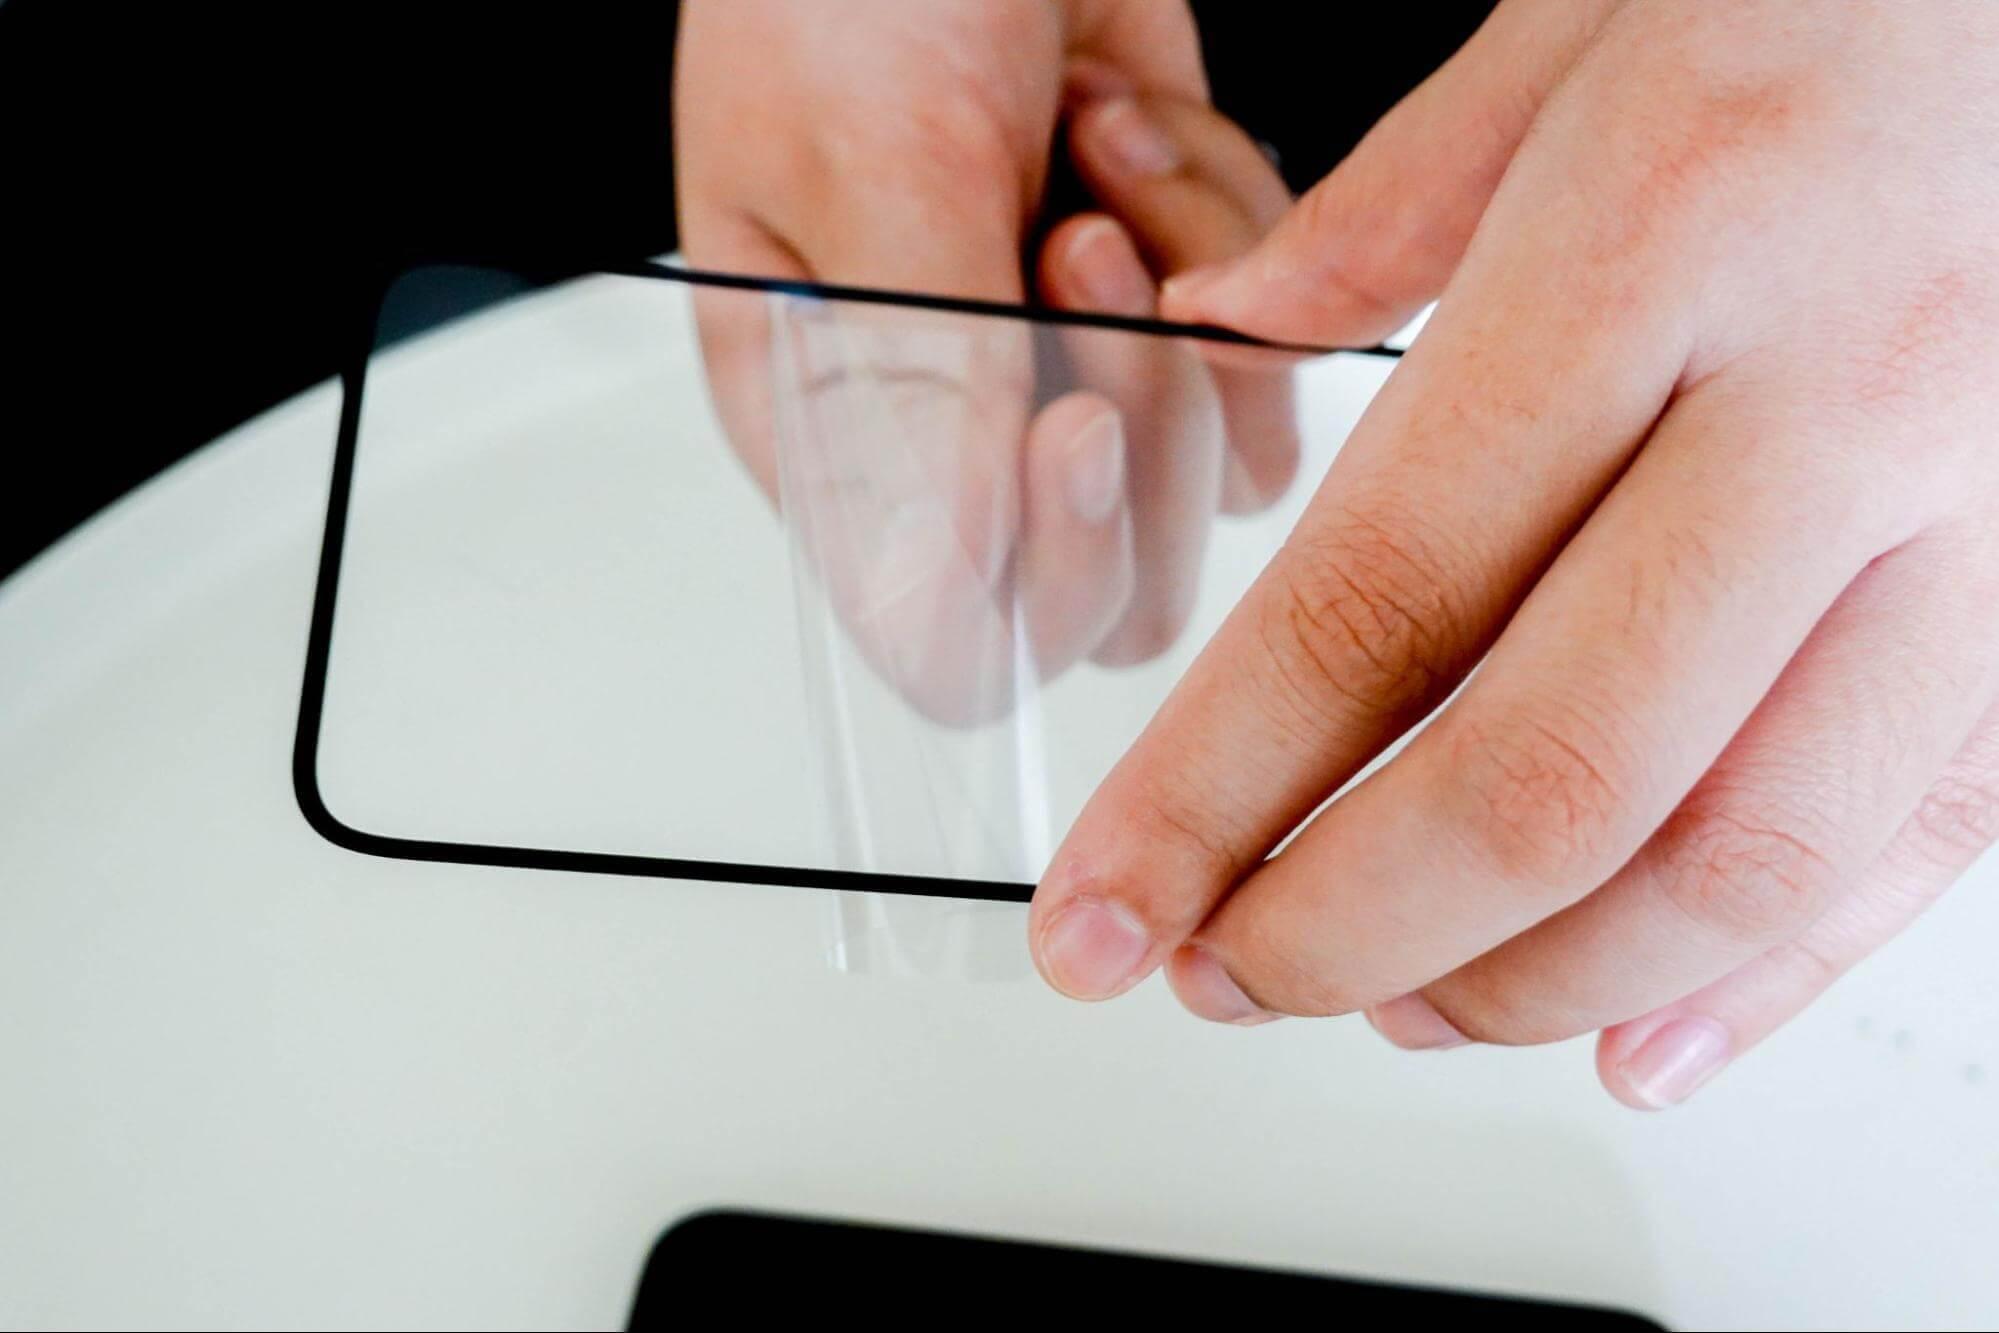 貼膜教學1:撕除下層保護膜並對準